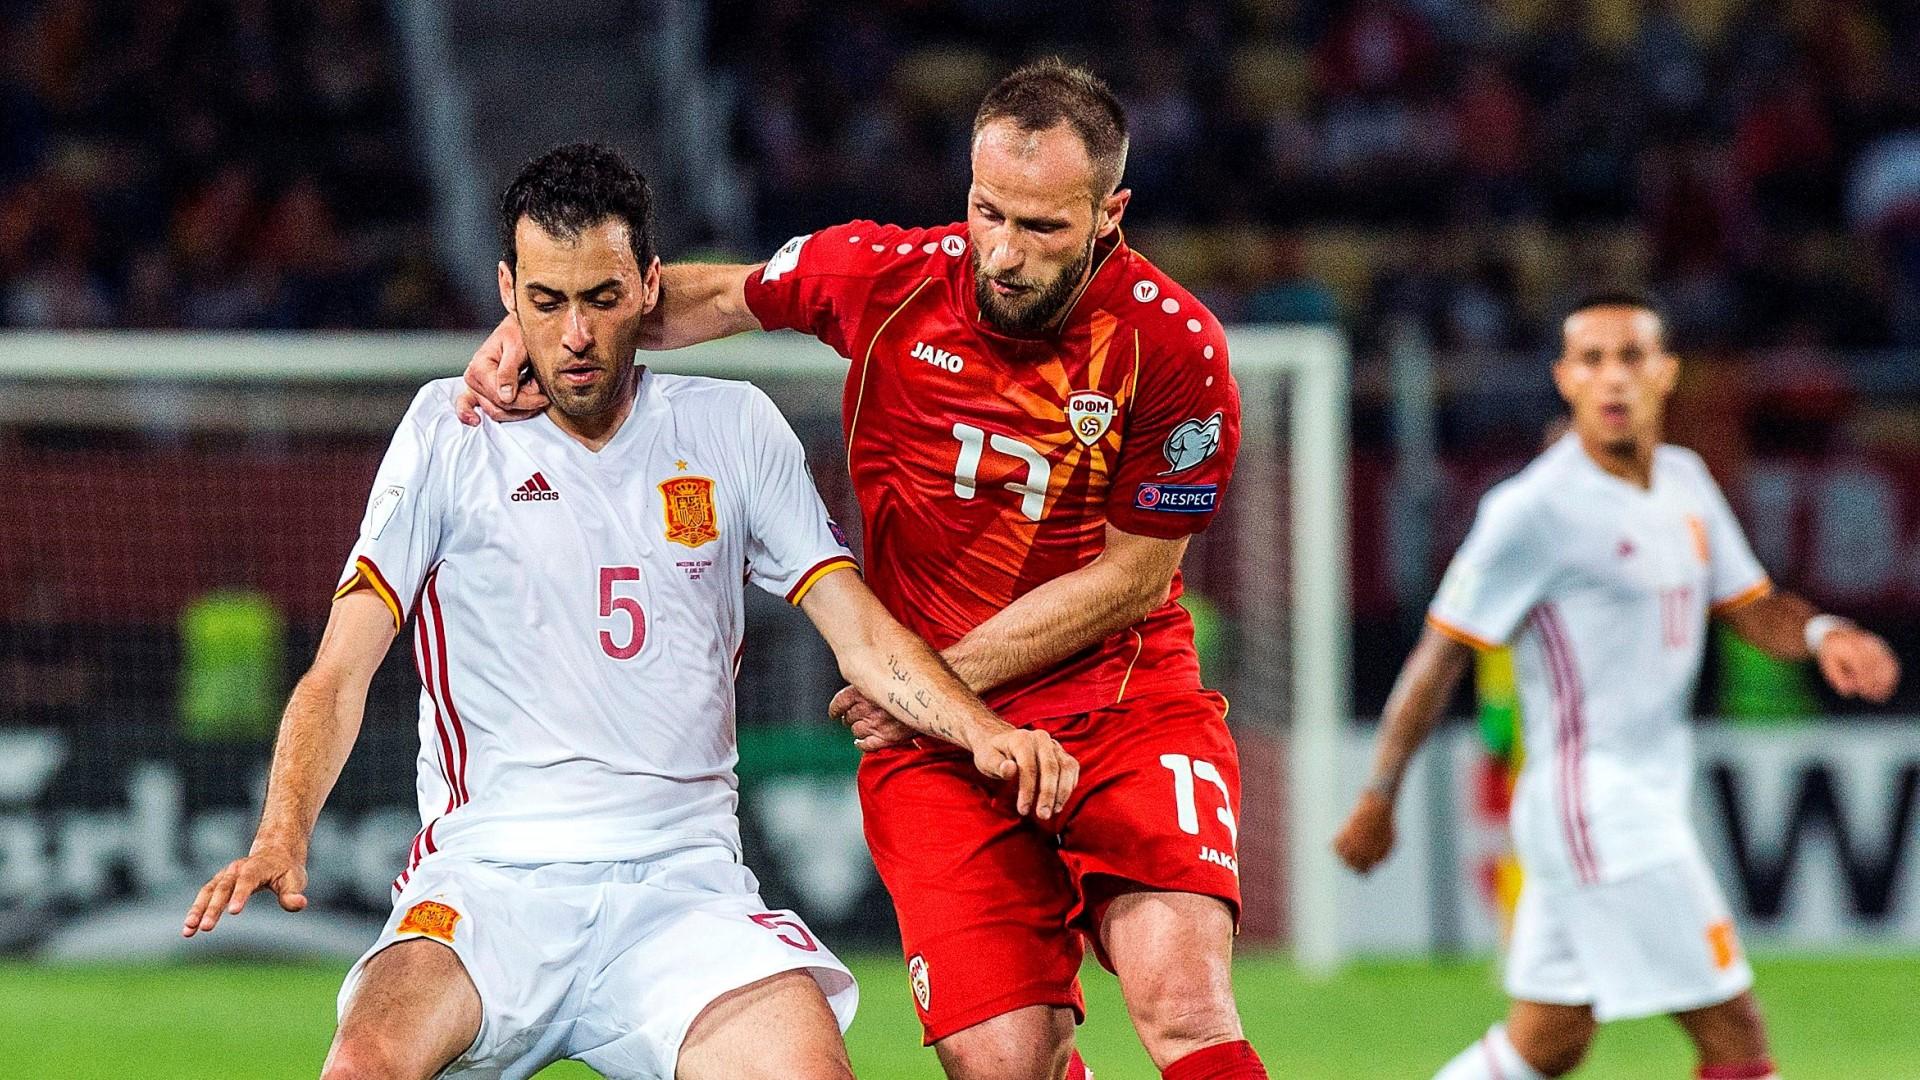 Sergio Busquets Ostoja Stjepanovic Spain Macedonia 11062017